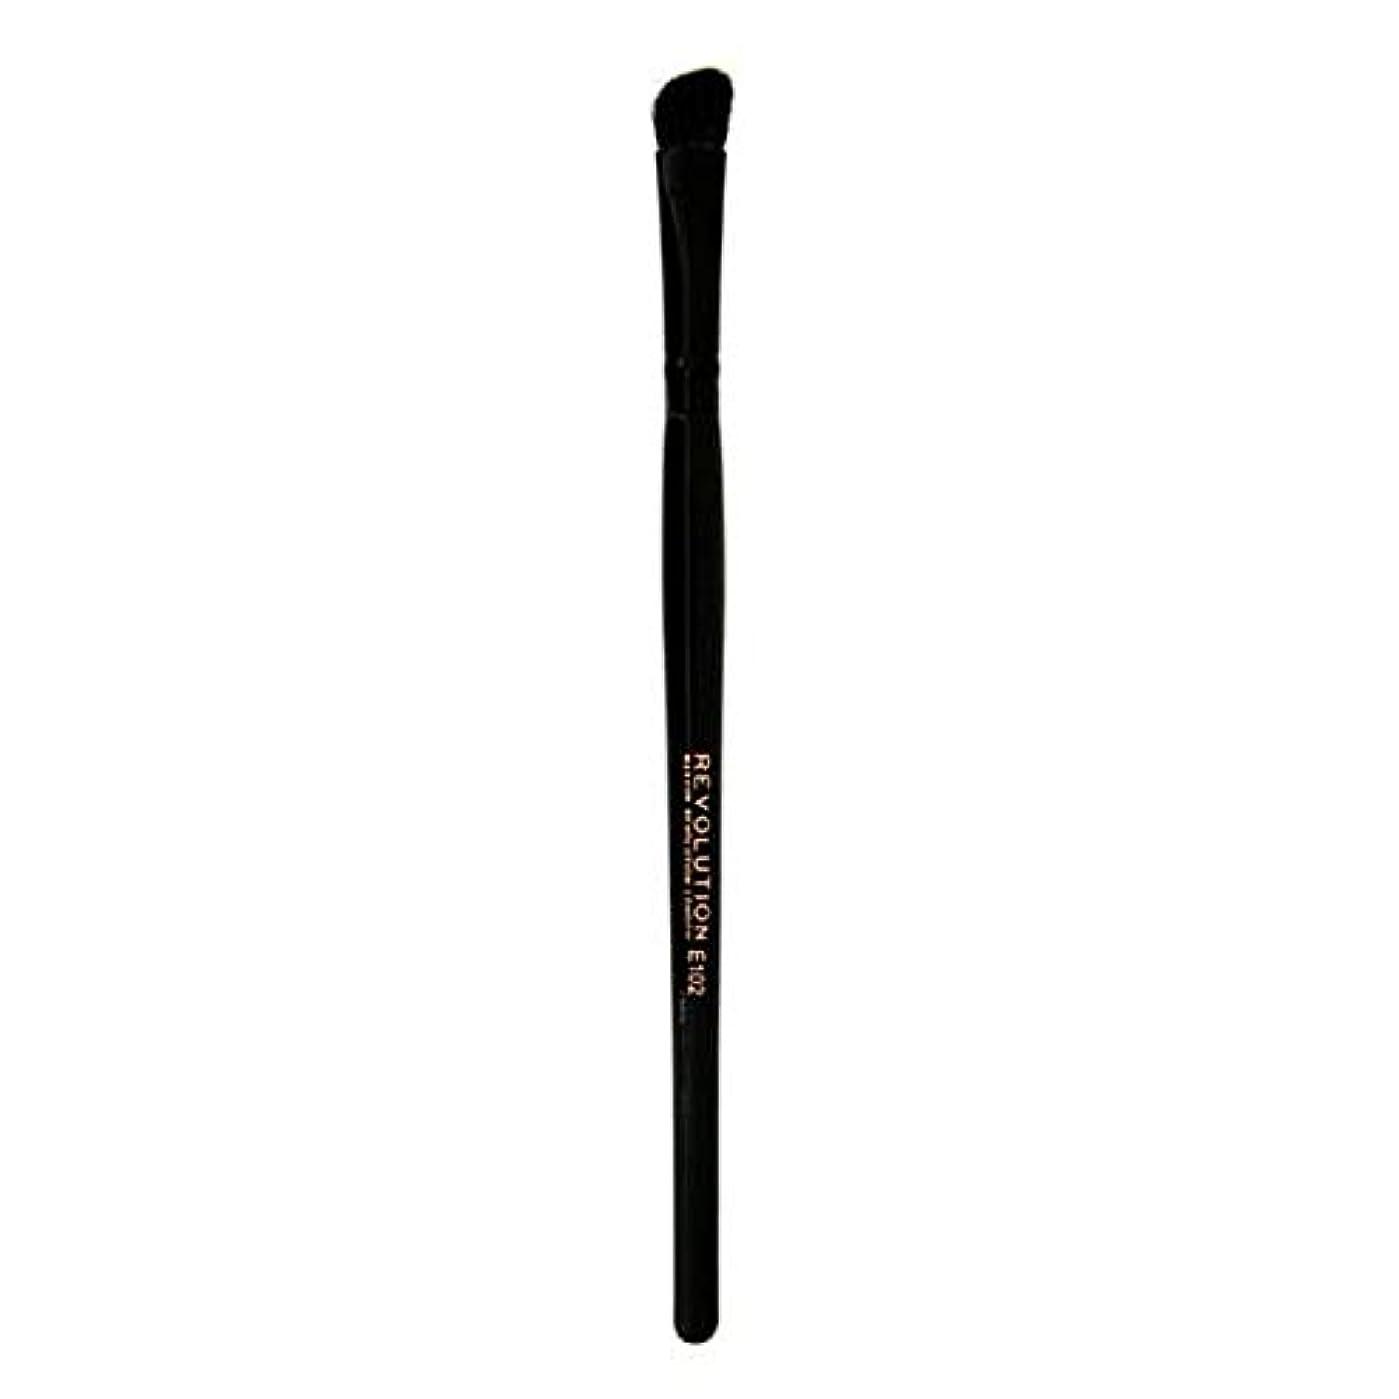 塗抹逃れるリーダーシップ[Revolution ] 革命プロE102アイシャドウの輪郭メイクブラシ - Revolution Pro E102 Eyeshadow Contour Makeup Brush [並行輸入品]